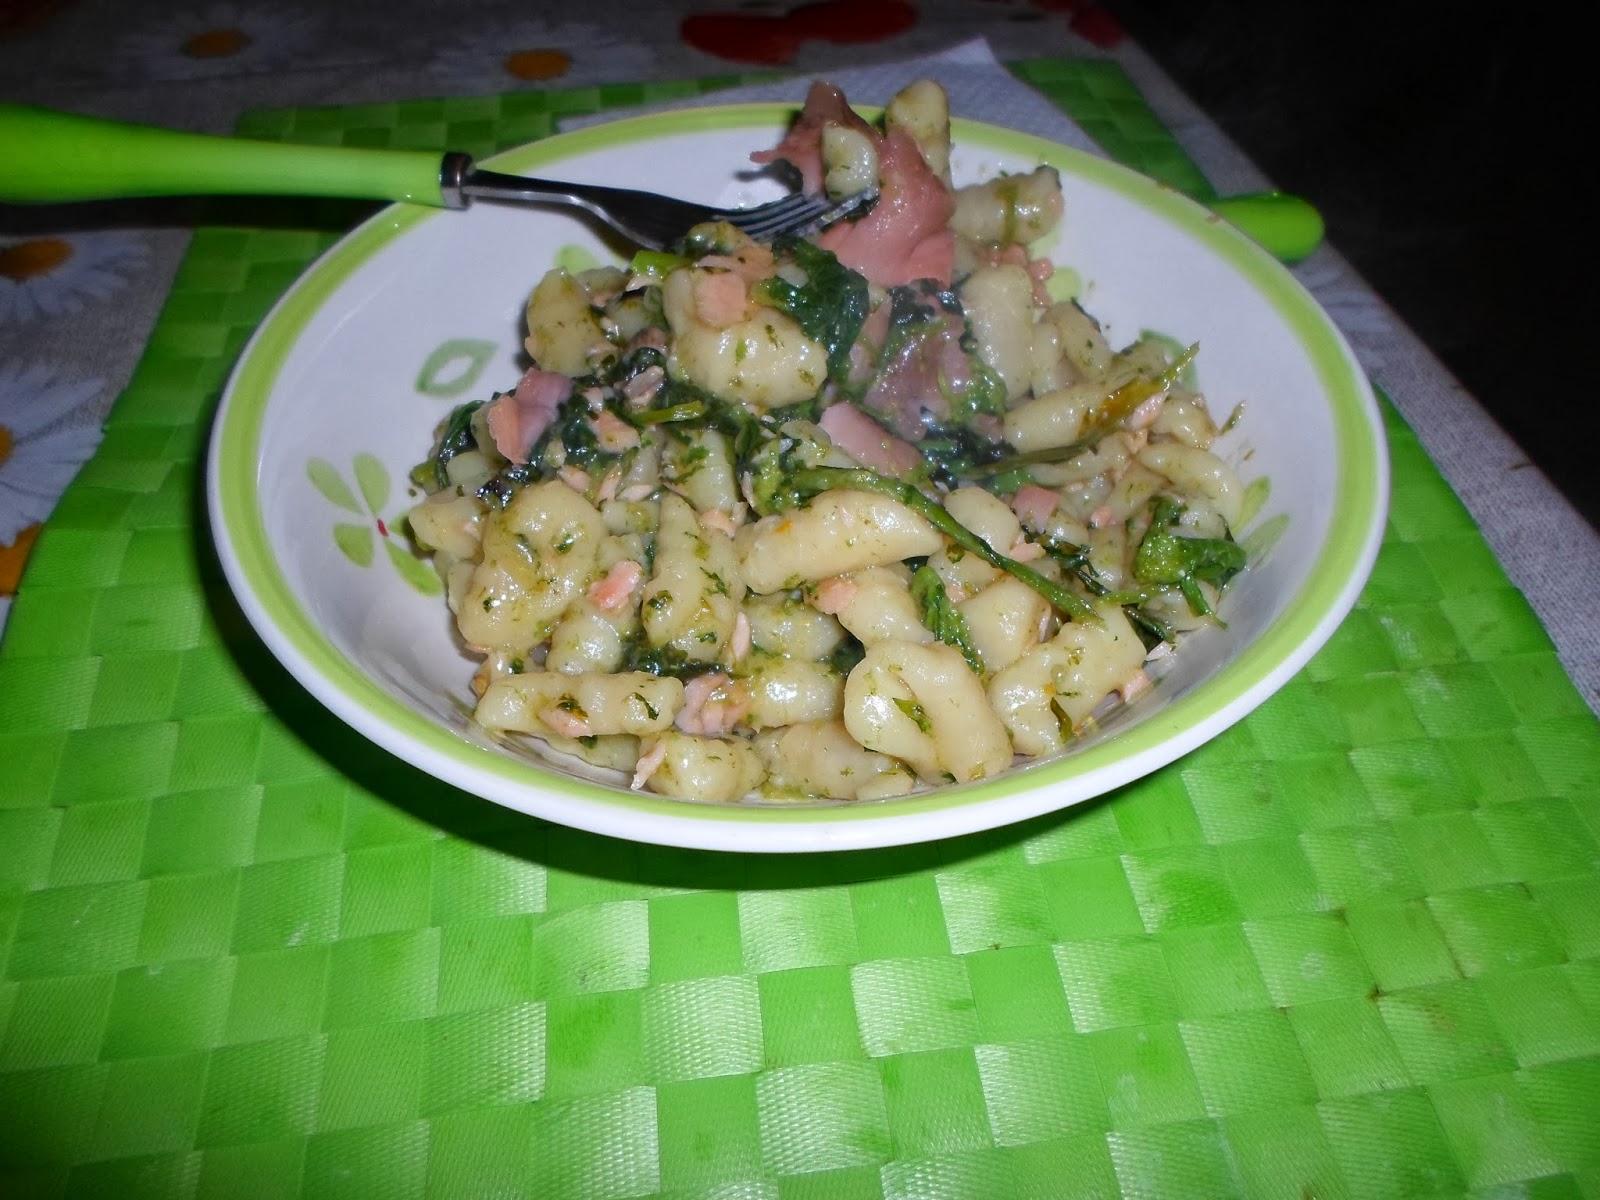 306. gnocchi di patate con salmone e broccoli